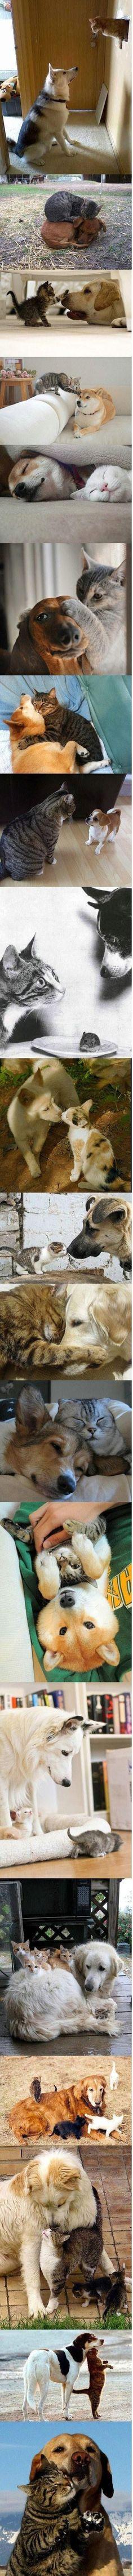 O vinculo positivo entre cães e gatos é fascinante.